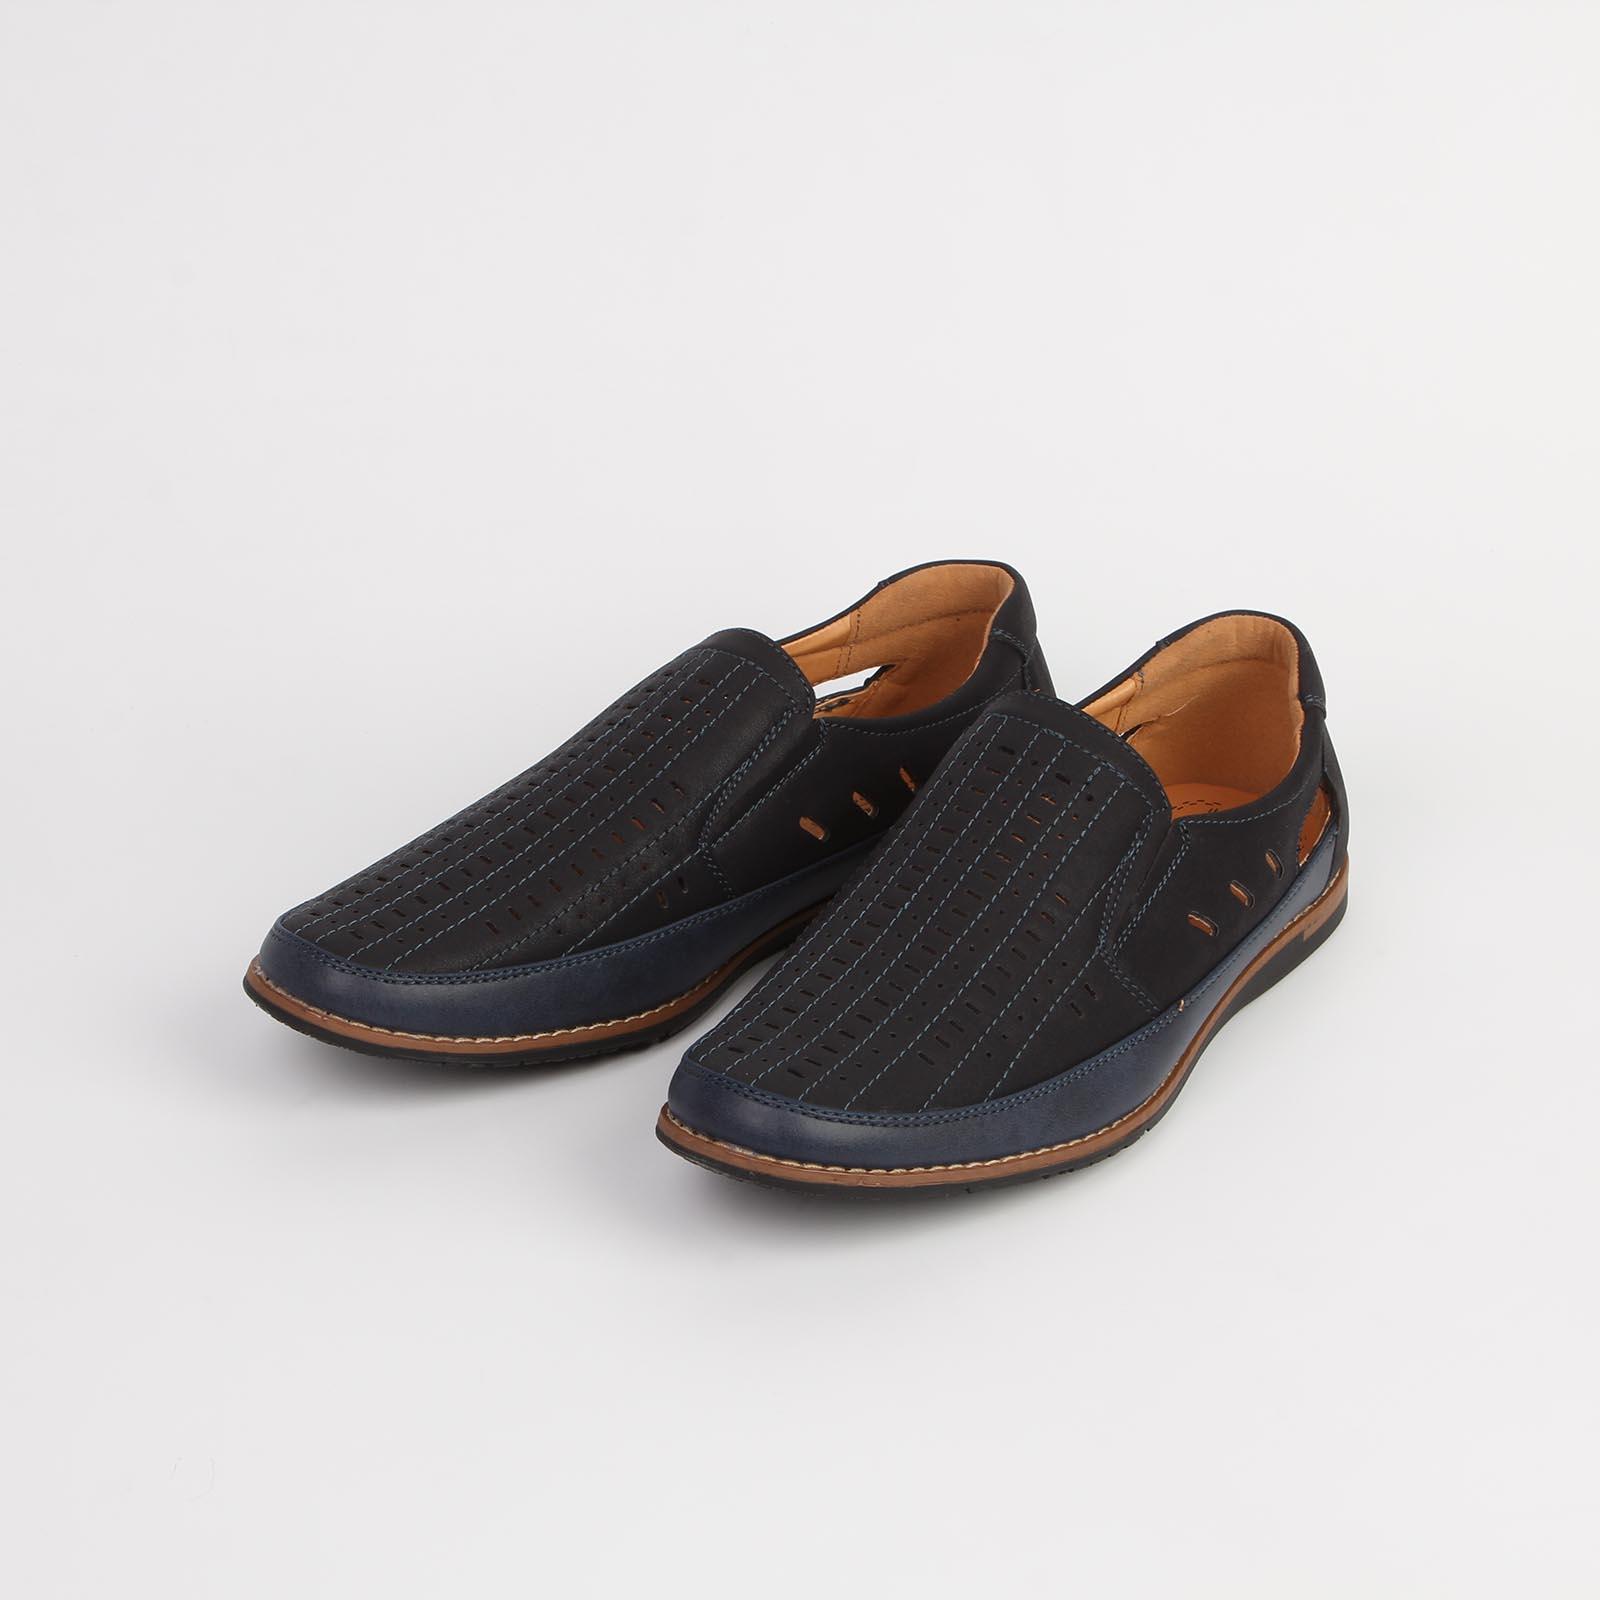 Туфли мужские декорированные мелкой сквозной перфорацией